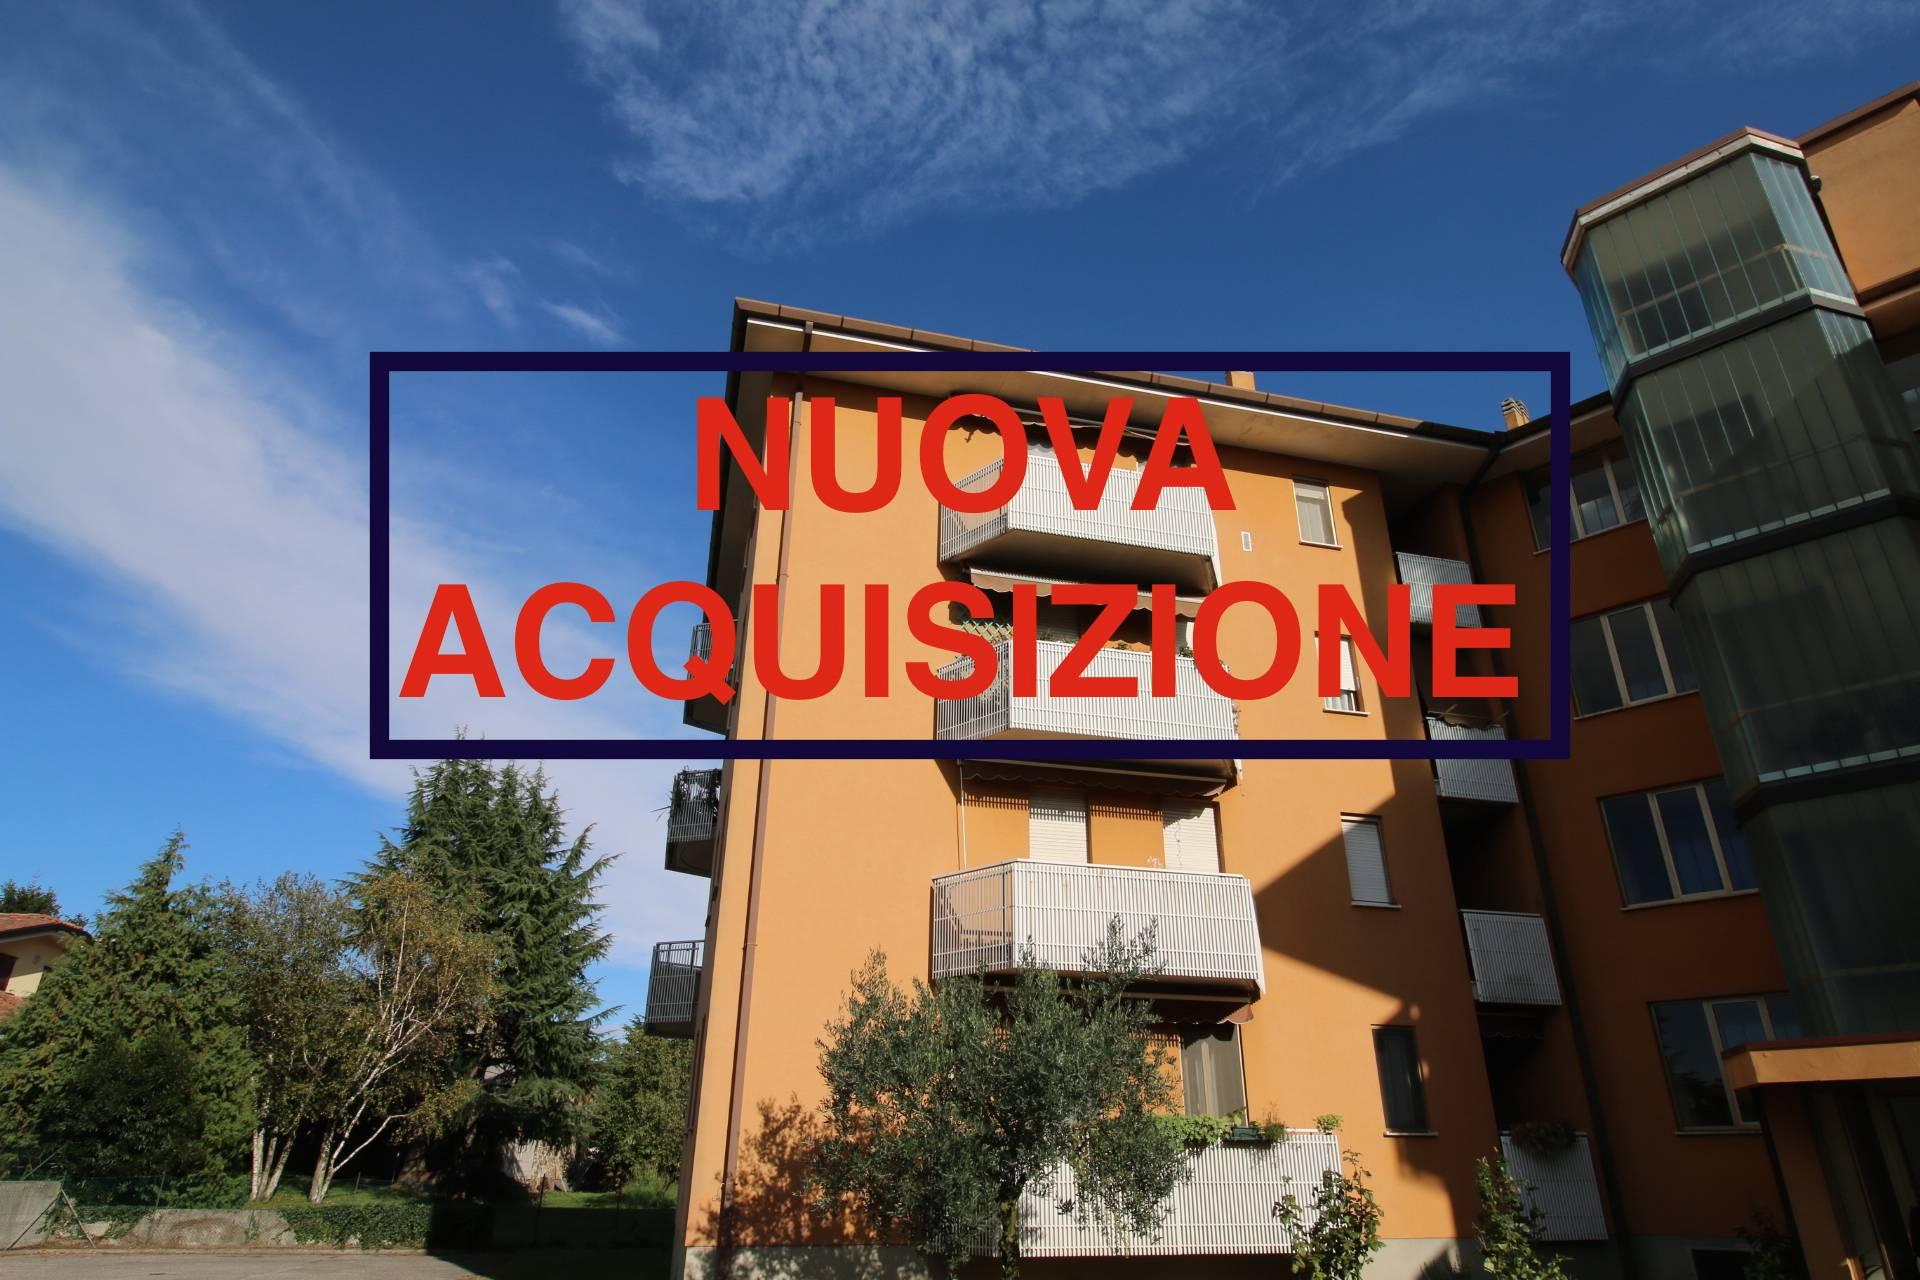 Appartamento in vendita a Gorizia, 8 locali, zona Zona: Lucinico, prezzo € 89.000 | CambioCasa.it